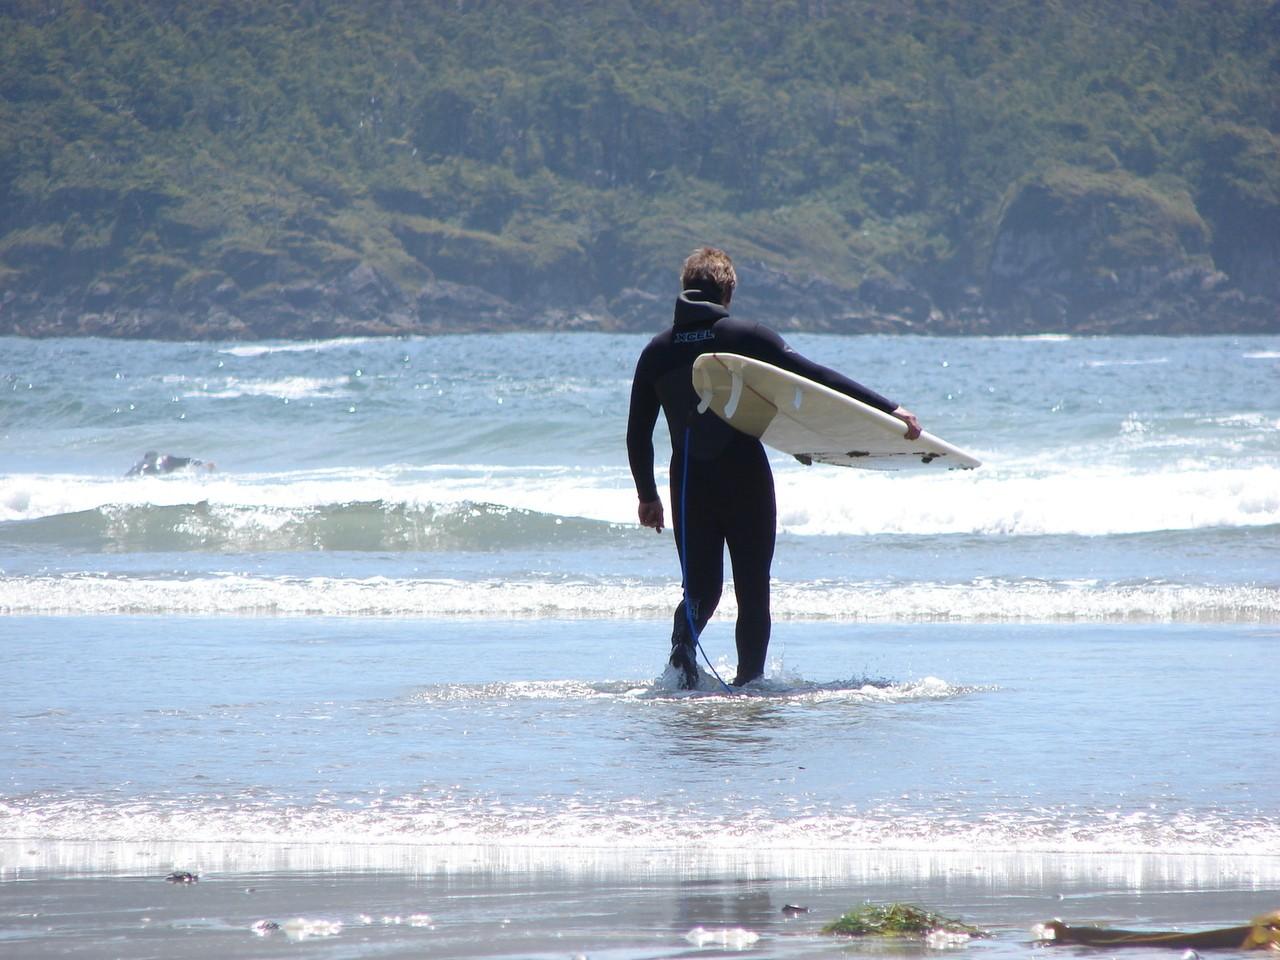 Czy interesował nas surfing